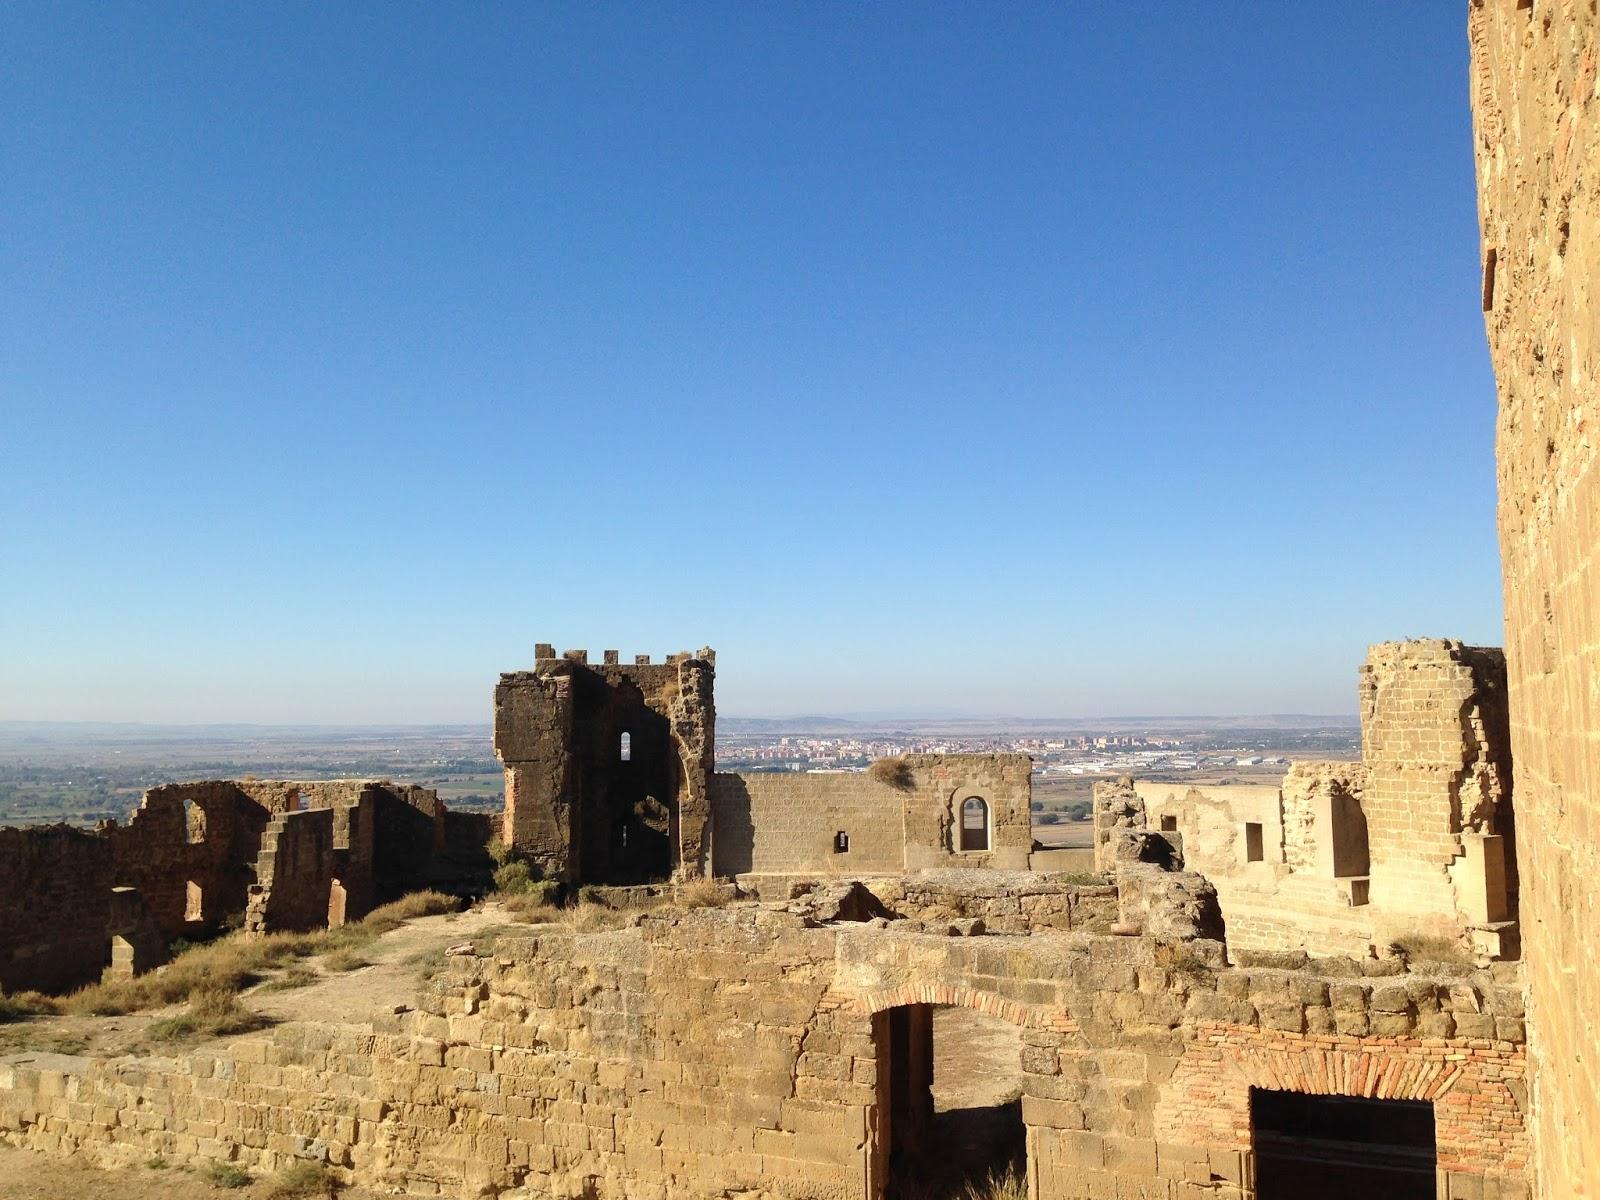 Por Que Me Gustan Los Castillos: 10.000 Cosas Que Me Gustan : 00215 El Castillo De Montearagón